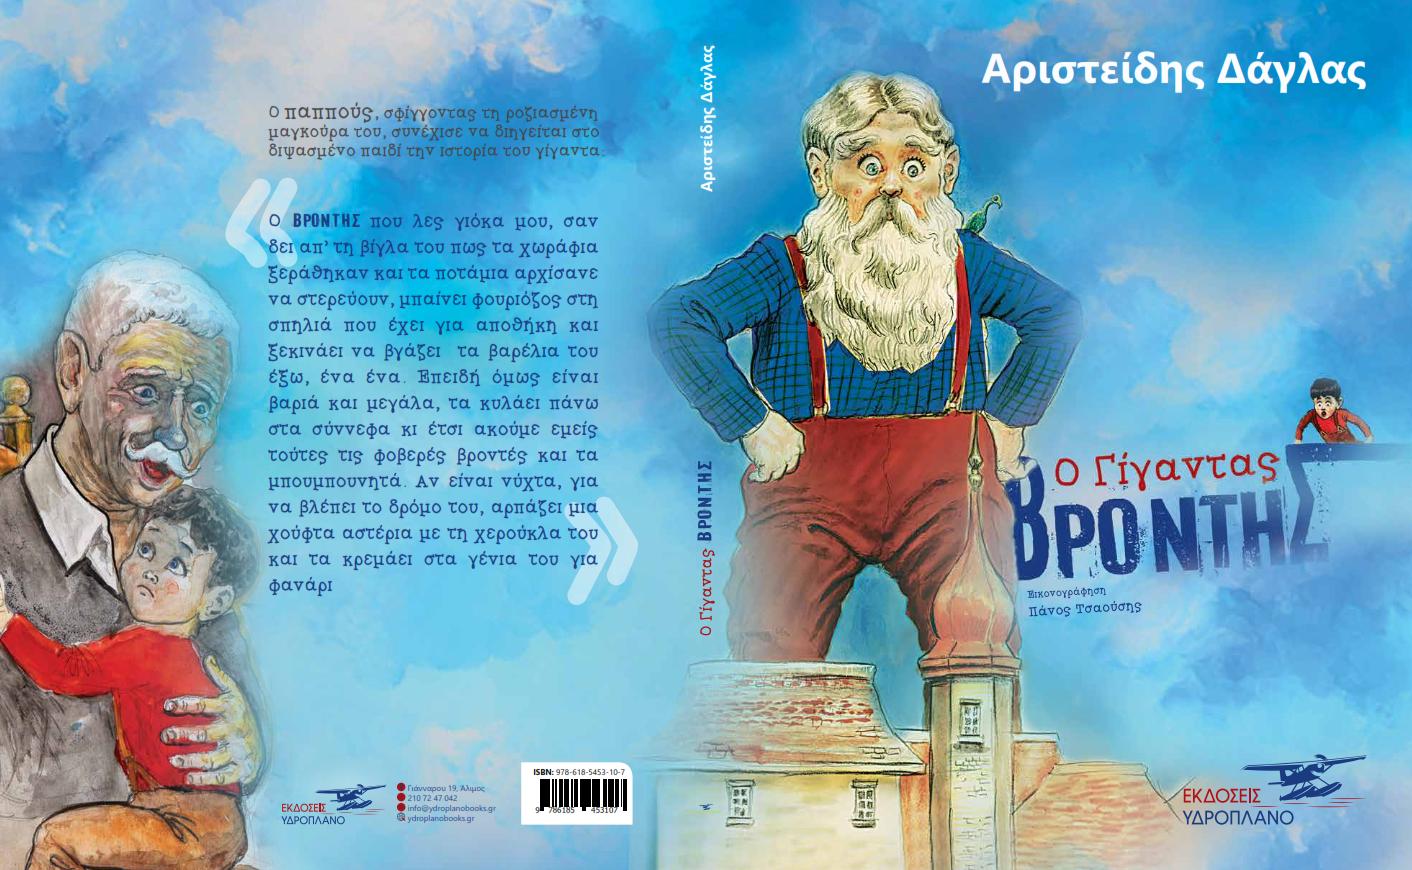 Παρουσίαση του νέου παιδικού βιβλίου «Ο Γίγαντας Βρόντης» του Αριστείδη Δάγλα